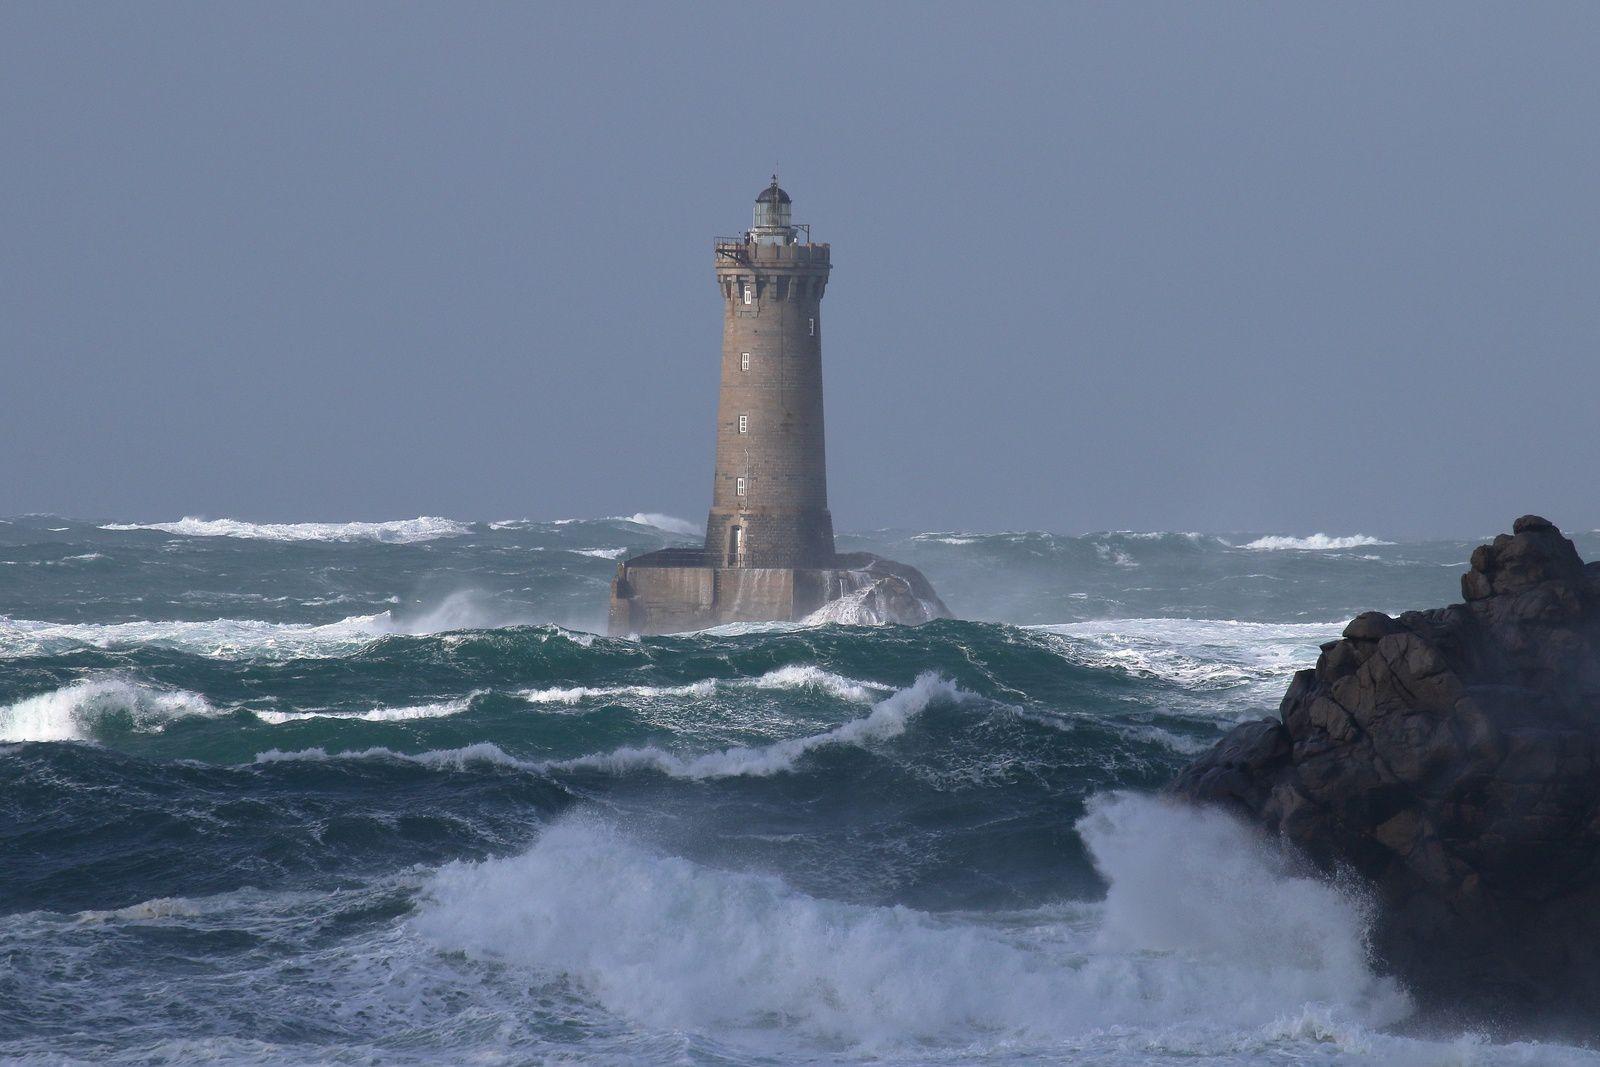 Samedi 02 Novembre : Coup de vent sur le phare du FOUR ( avant l'arrivée de la tempête Amélie)